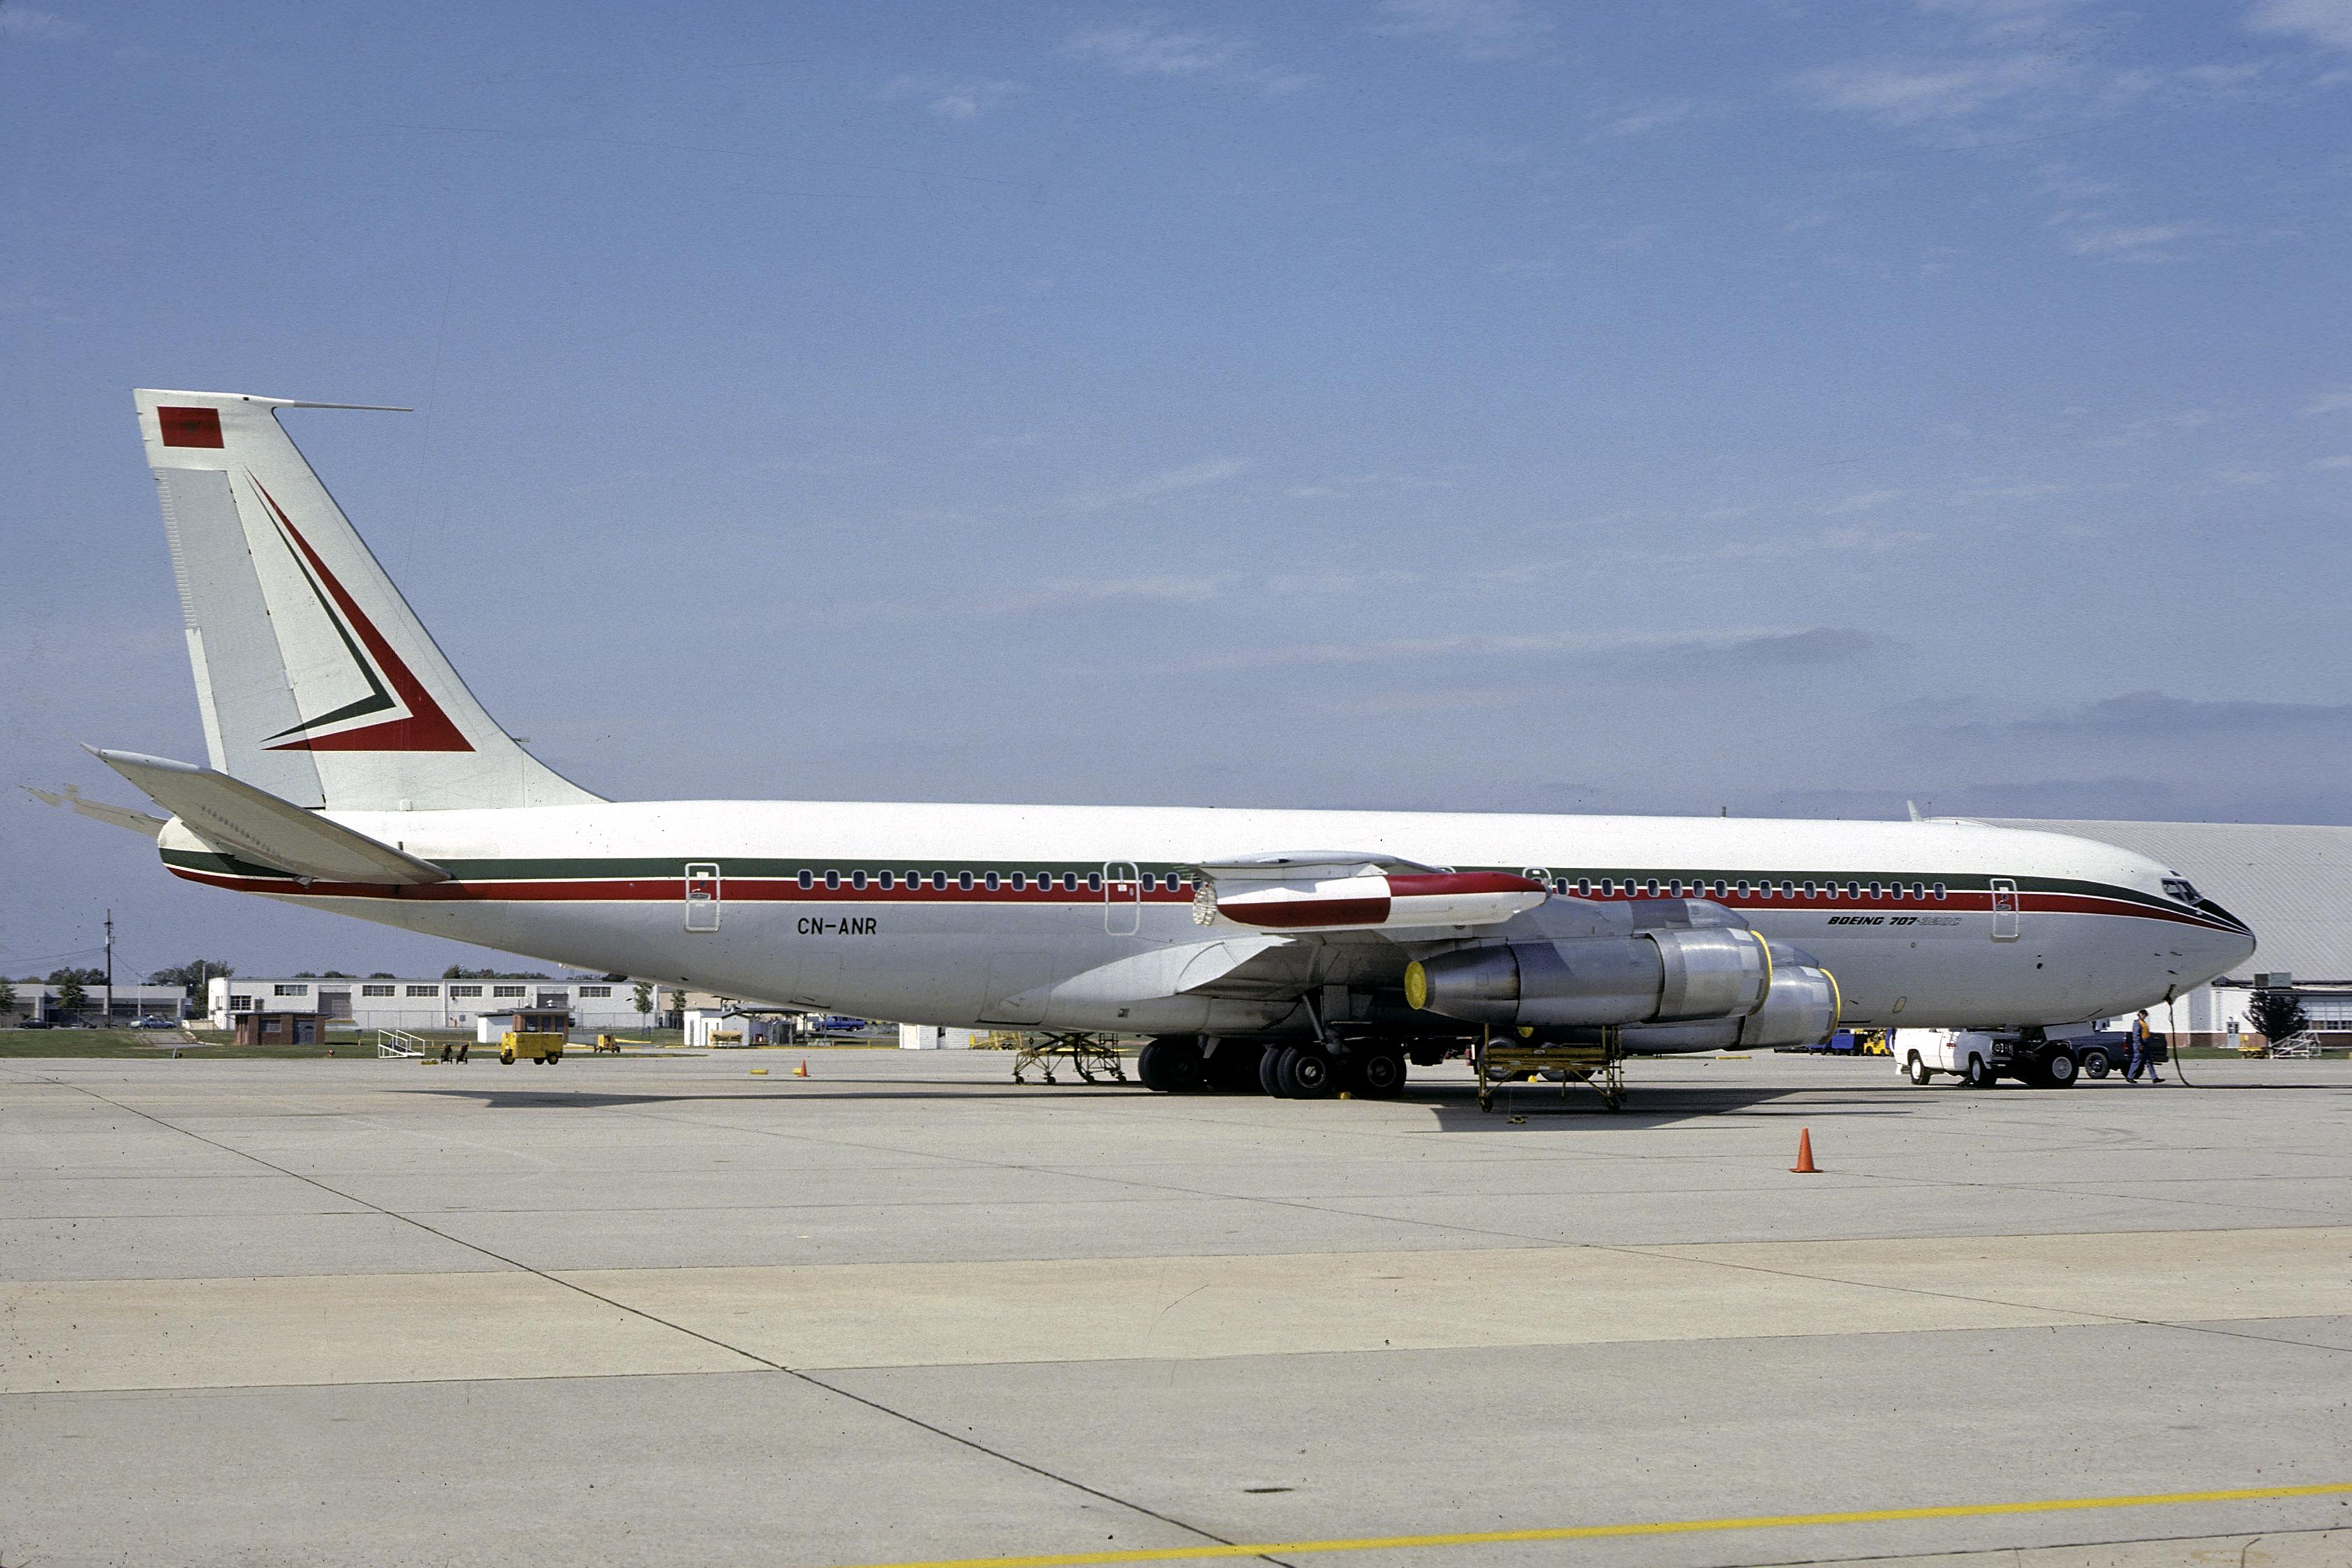 FRA: Photos anciens avions des FRA - Page 10 31901949698_e52836f88f_o